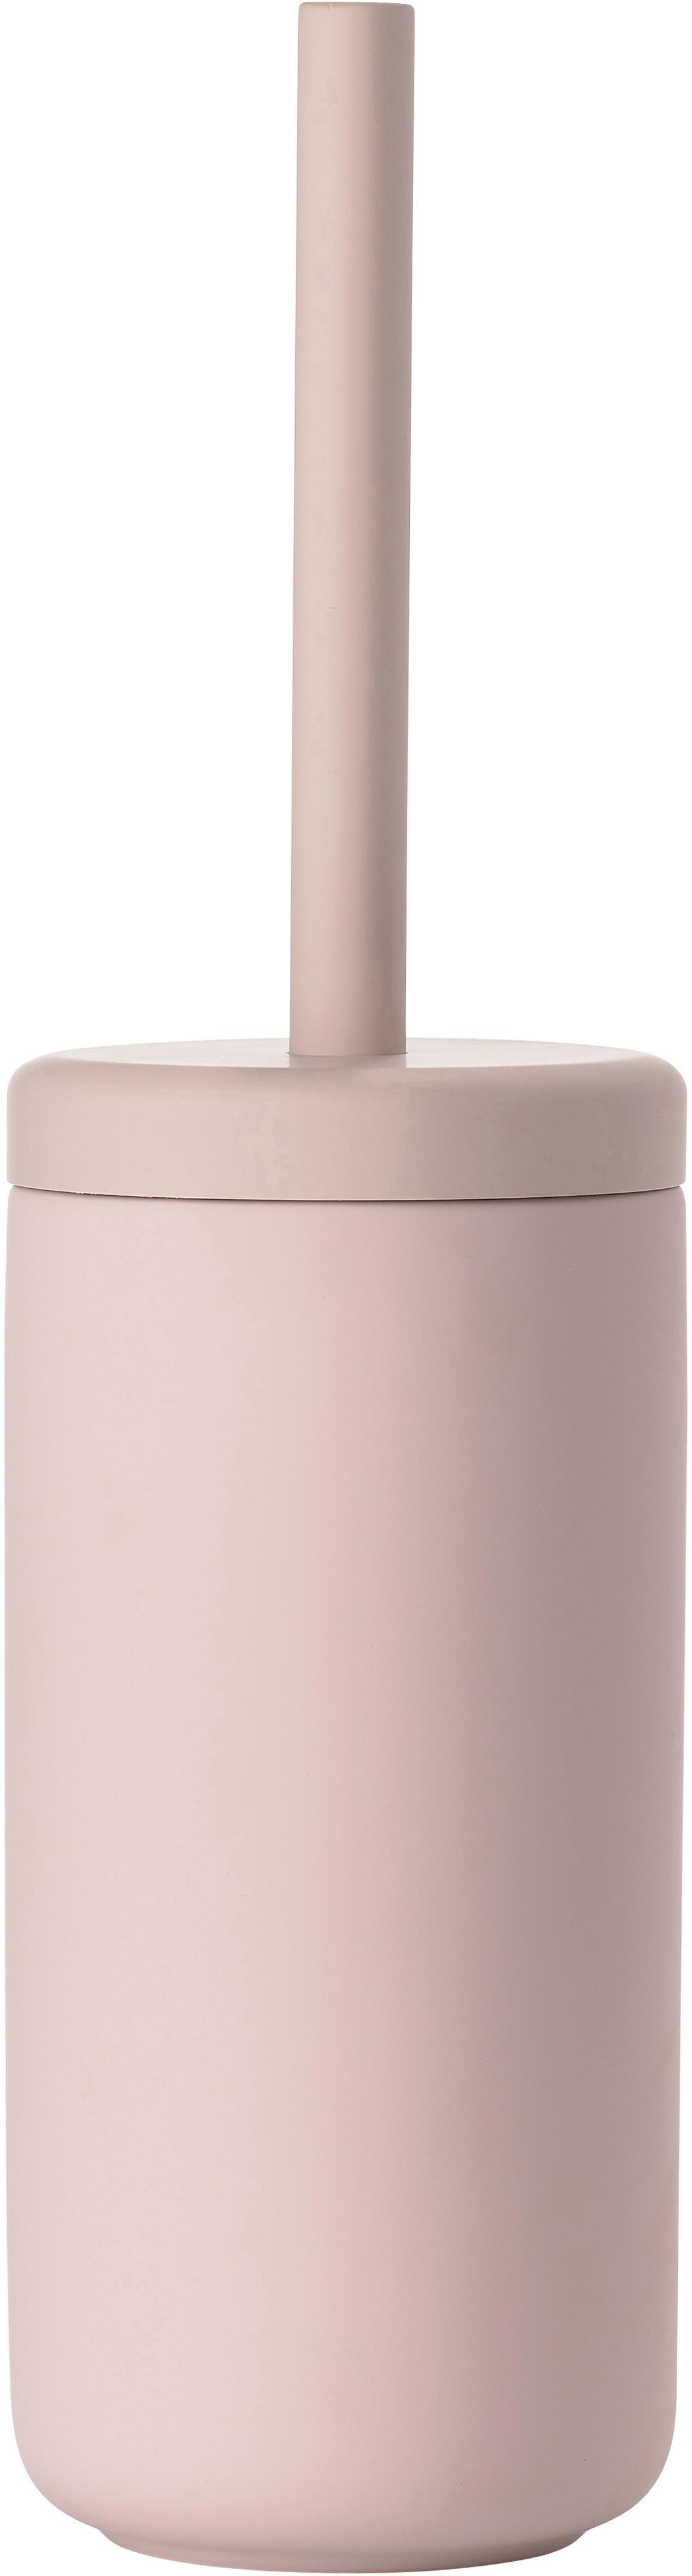 Escobilla de baño Ume, Recipiente: gres revestido con superf, Rosa palo mate, Ø 10 x Al 39 cm